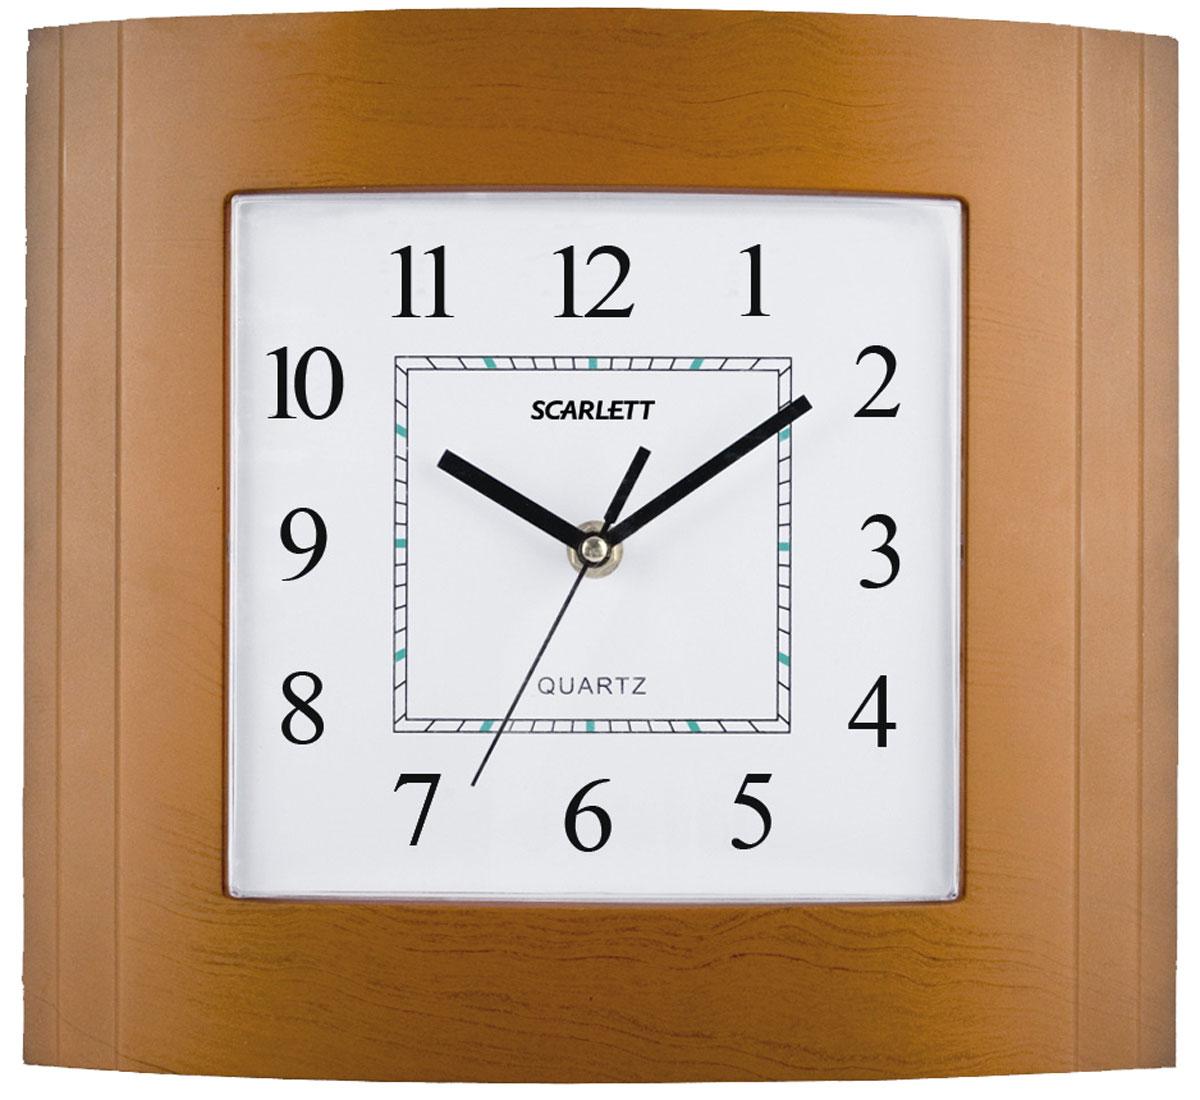 Scarlett SC-55QP часы настенныеSC-55QPНастенные кварцевые часы Scarlett SC-55QP, изготовленные из пластика, прекрасно впишутся в интерьер вашего дома. Прямоугольные часы имеют три стрелки: часовую, минутную и секундную, циферблат защищен прозрачным пластиком. Часы работают от 1 батарейки типа АА напряжением 1,5 В (батарейка в комплект не входит).